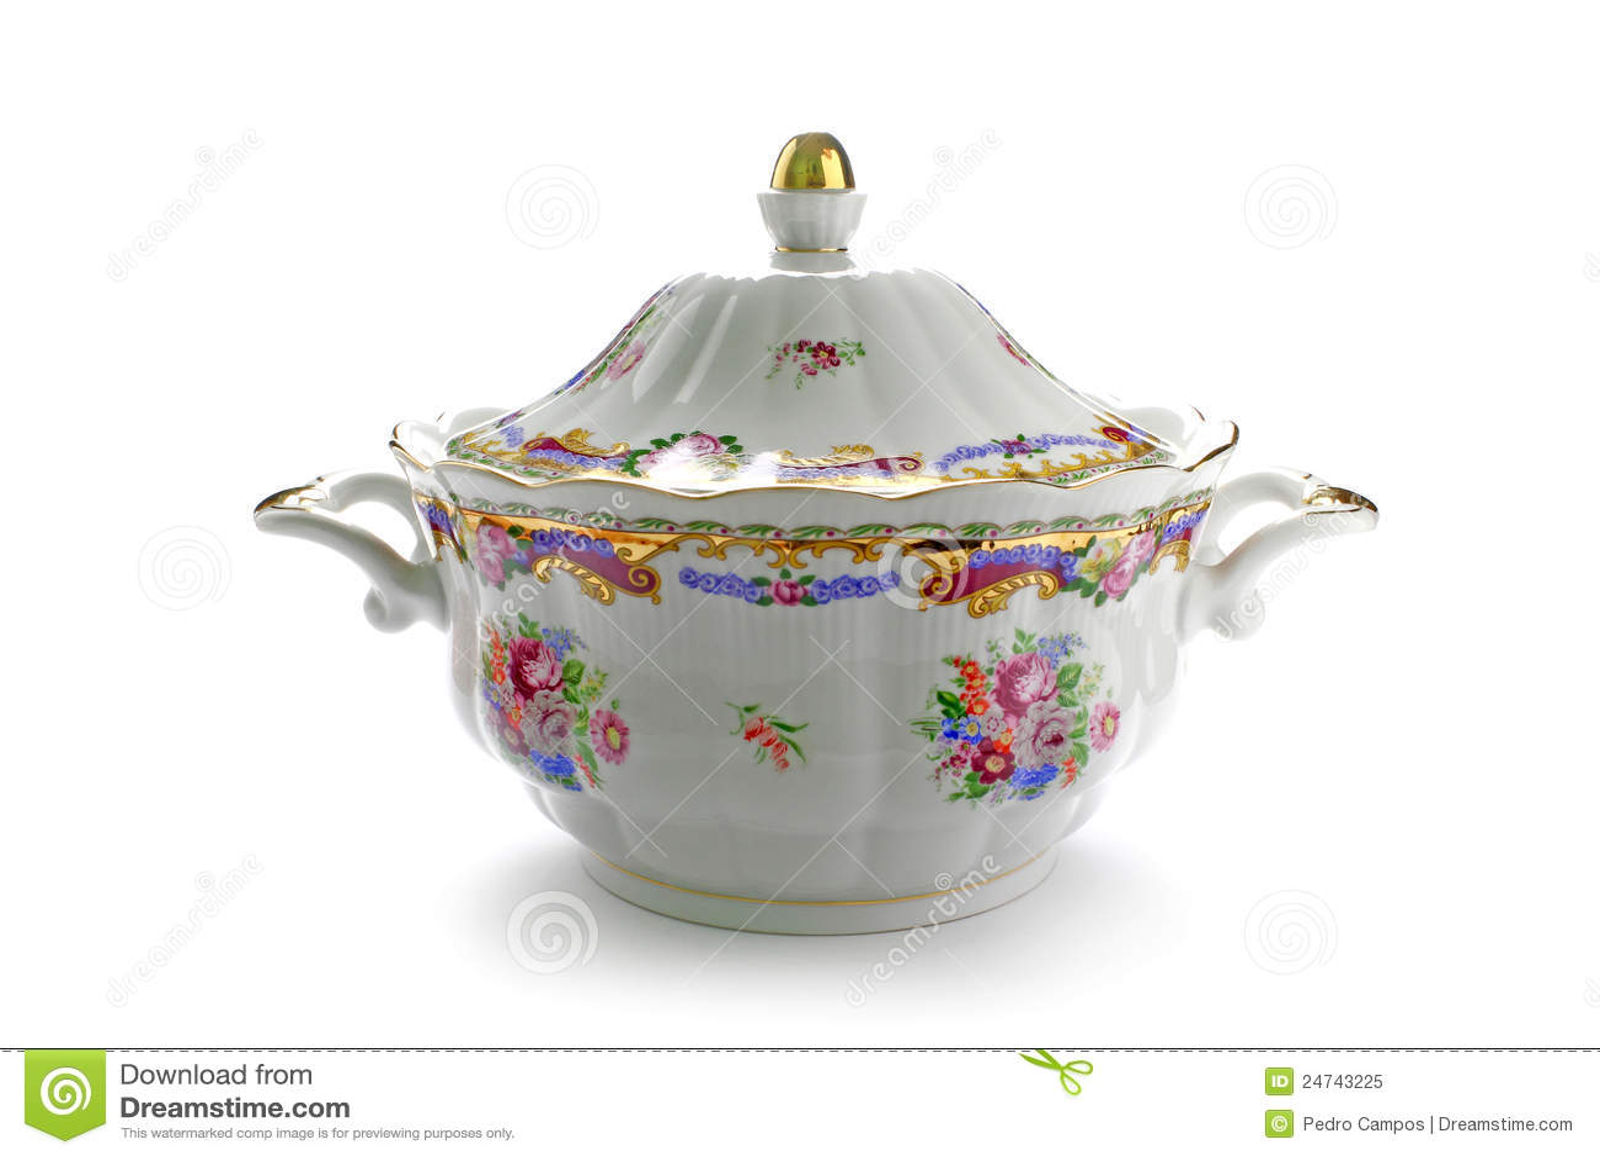 παραδοσιακή σουπιέρα πορσελάνης